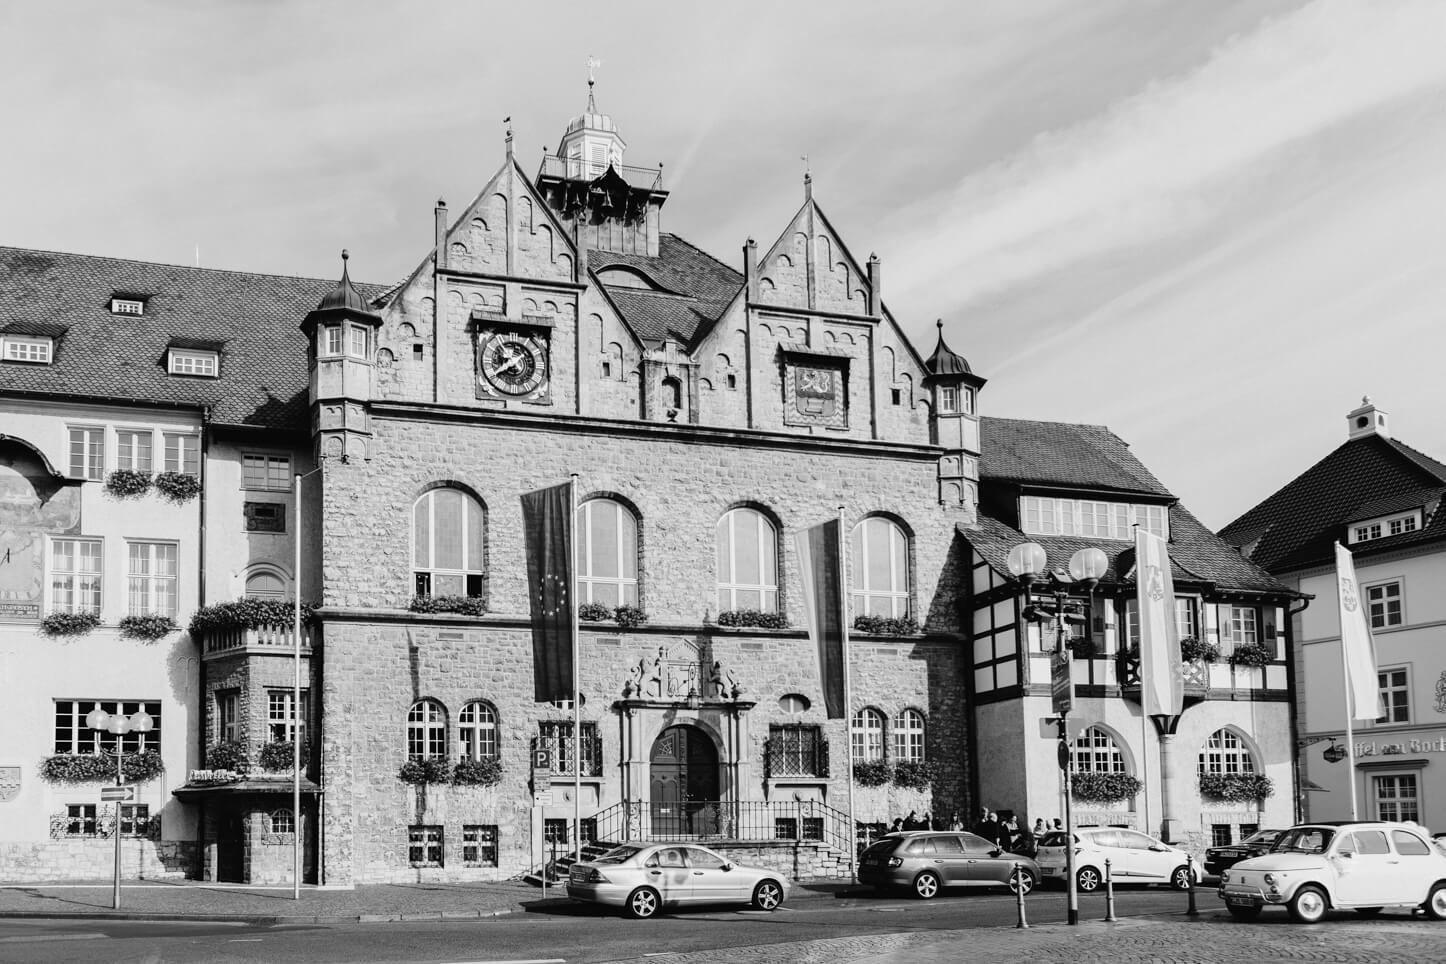 Historisches Rathaus in Bergisch Gladbach